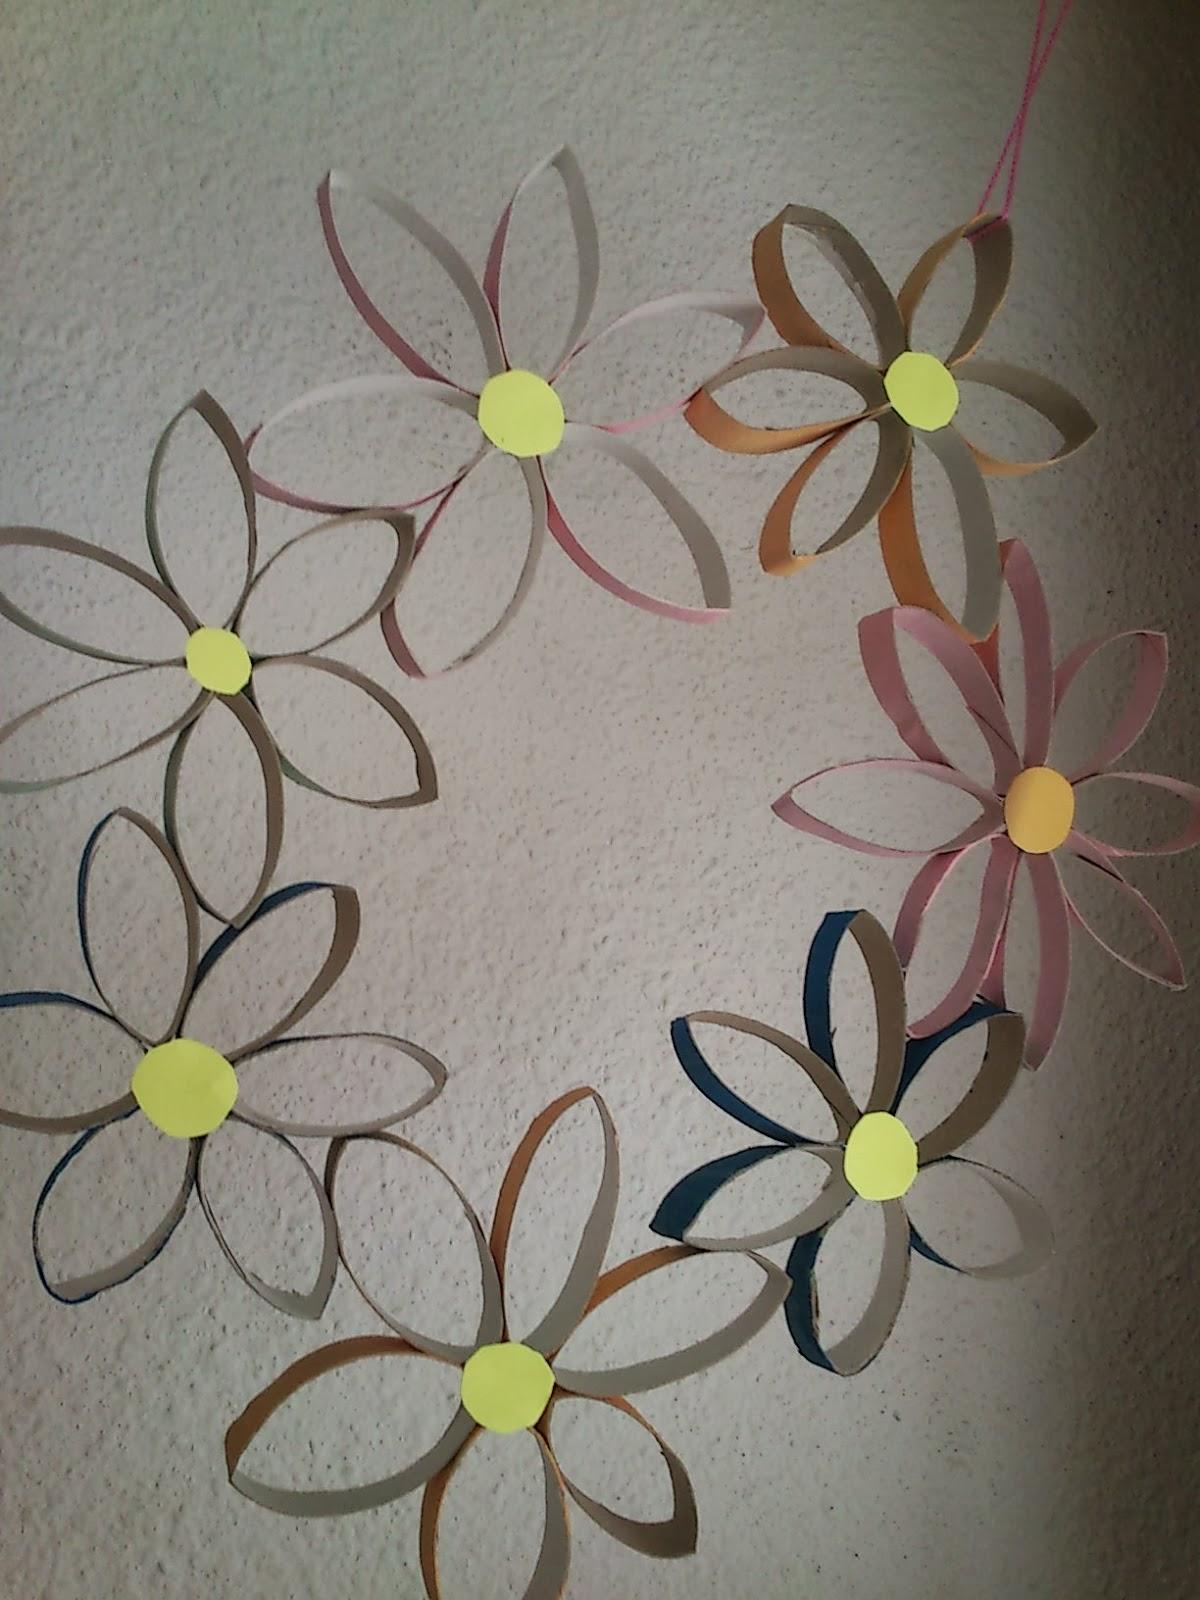 Manualidades con papel higienico imagui - Rollos de papel higienico decorados ...